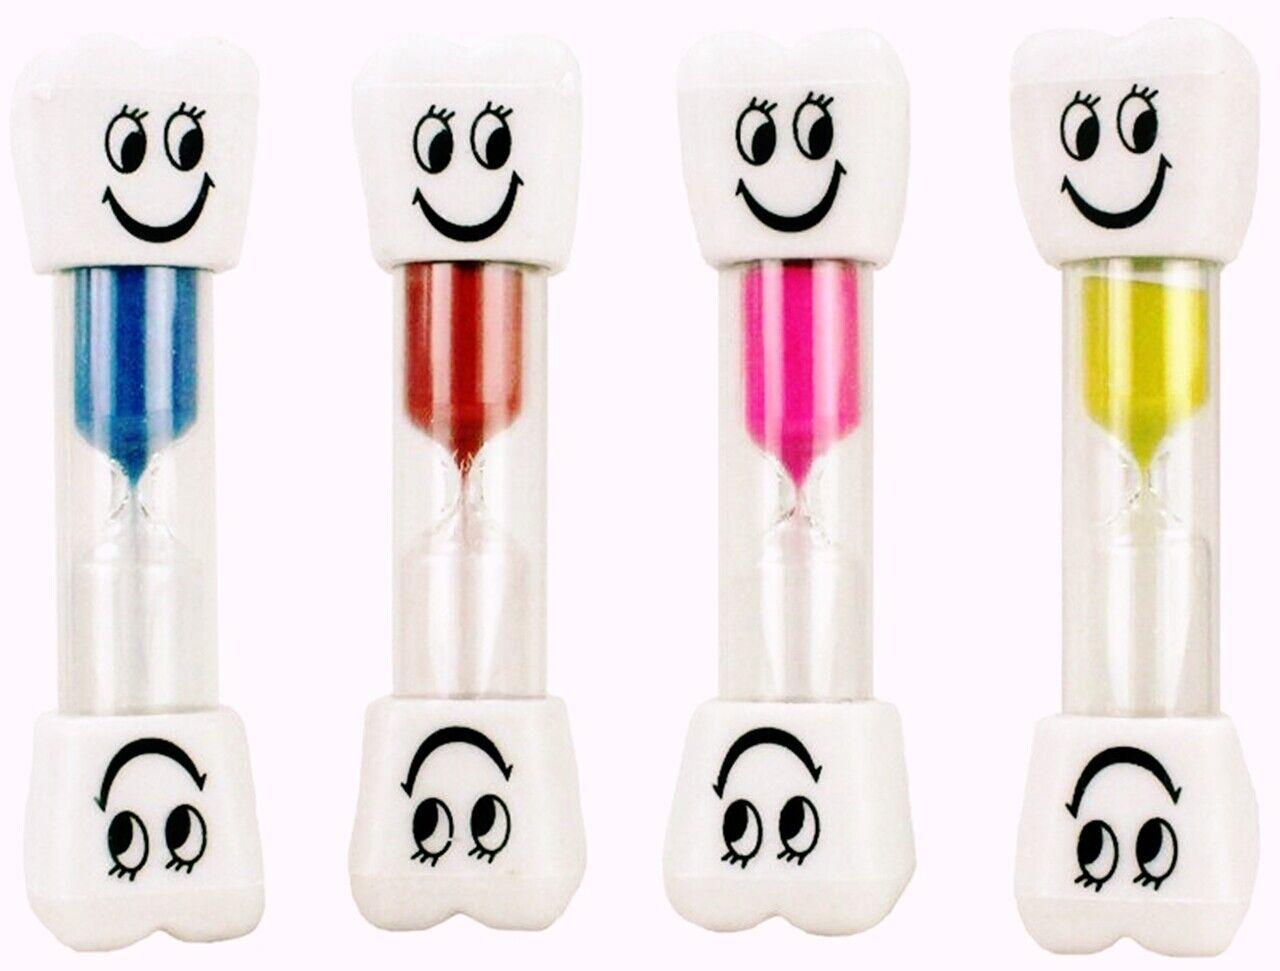 Zahnputzuhr verschiedene Farben große Auswahl ca. 3 Min. Durchlaufzeit